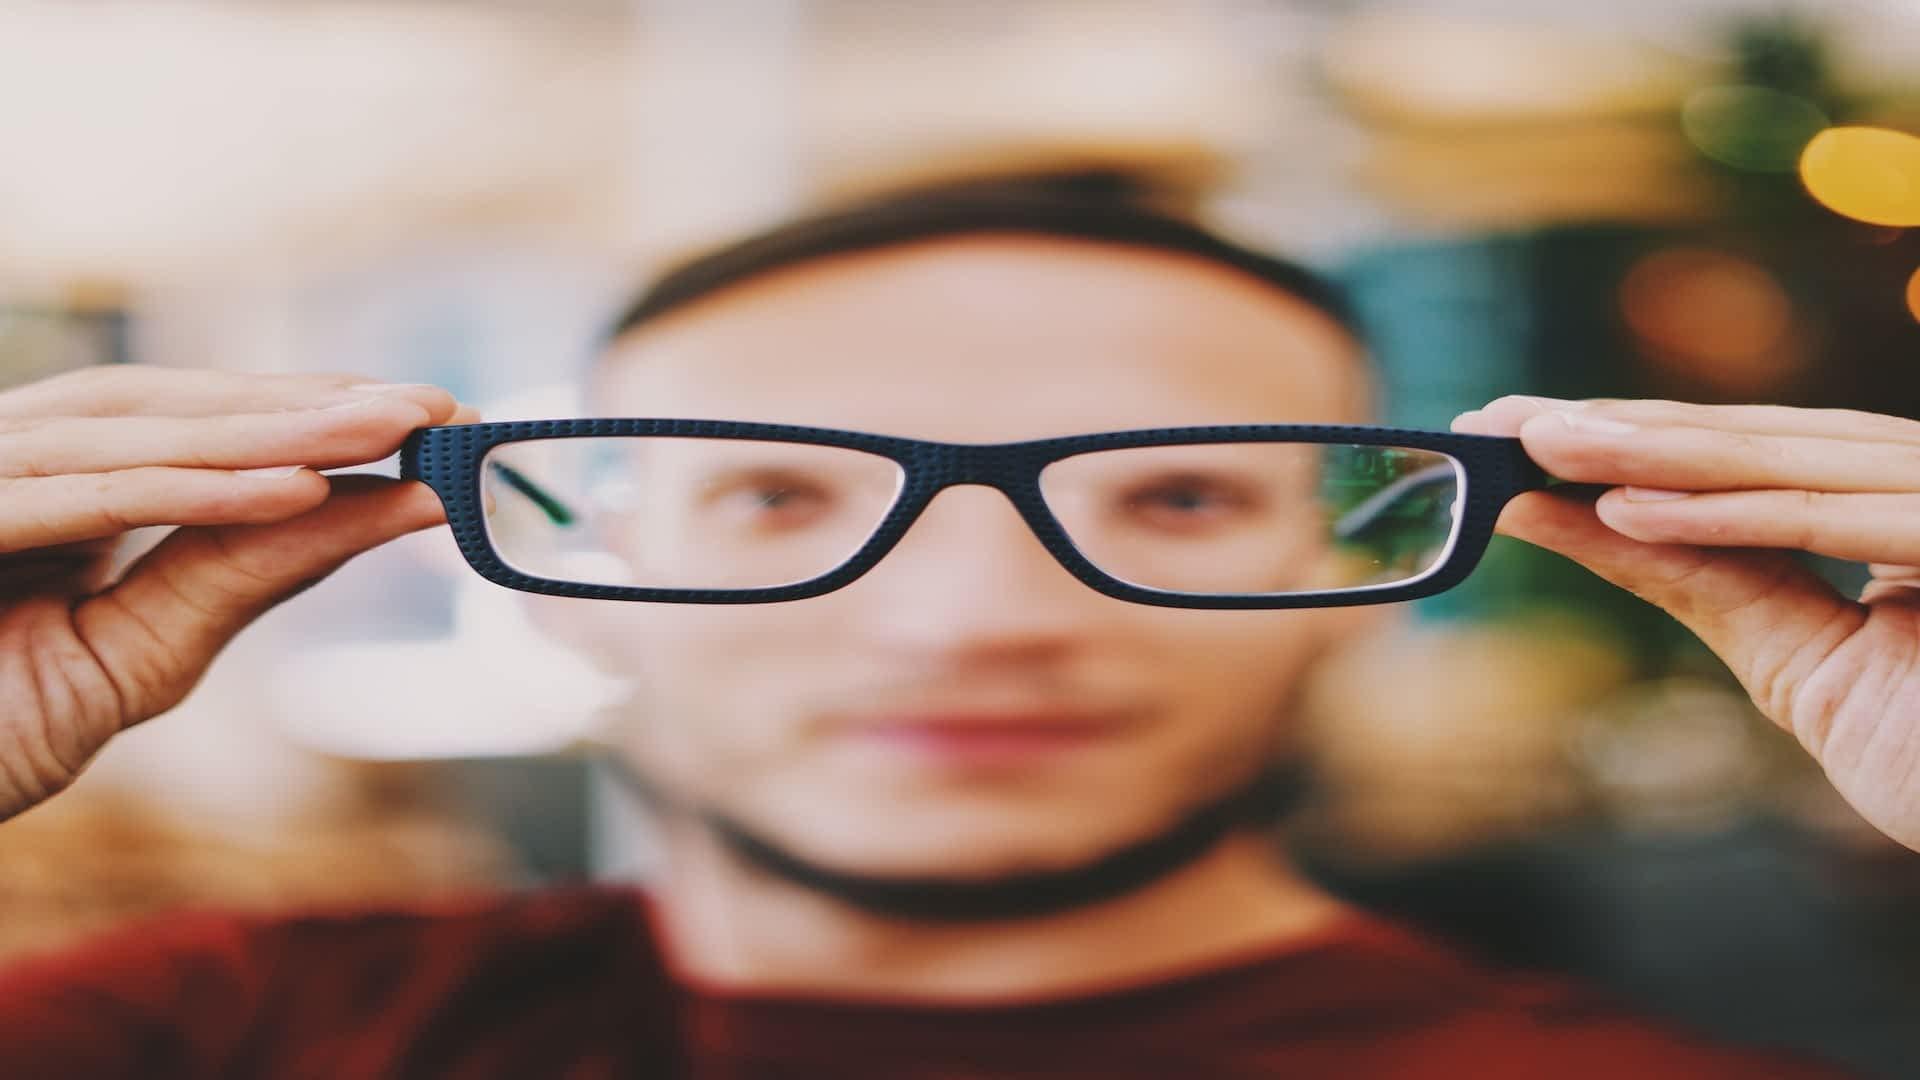 holding_up_glasses